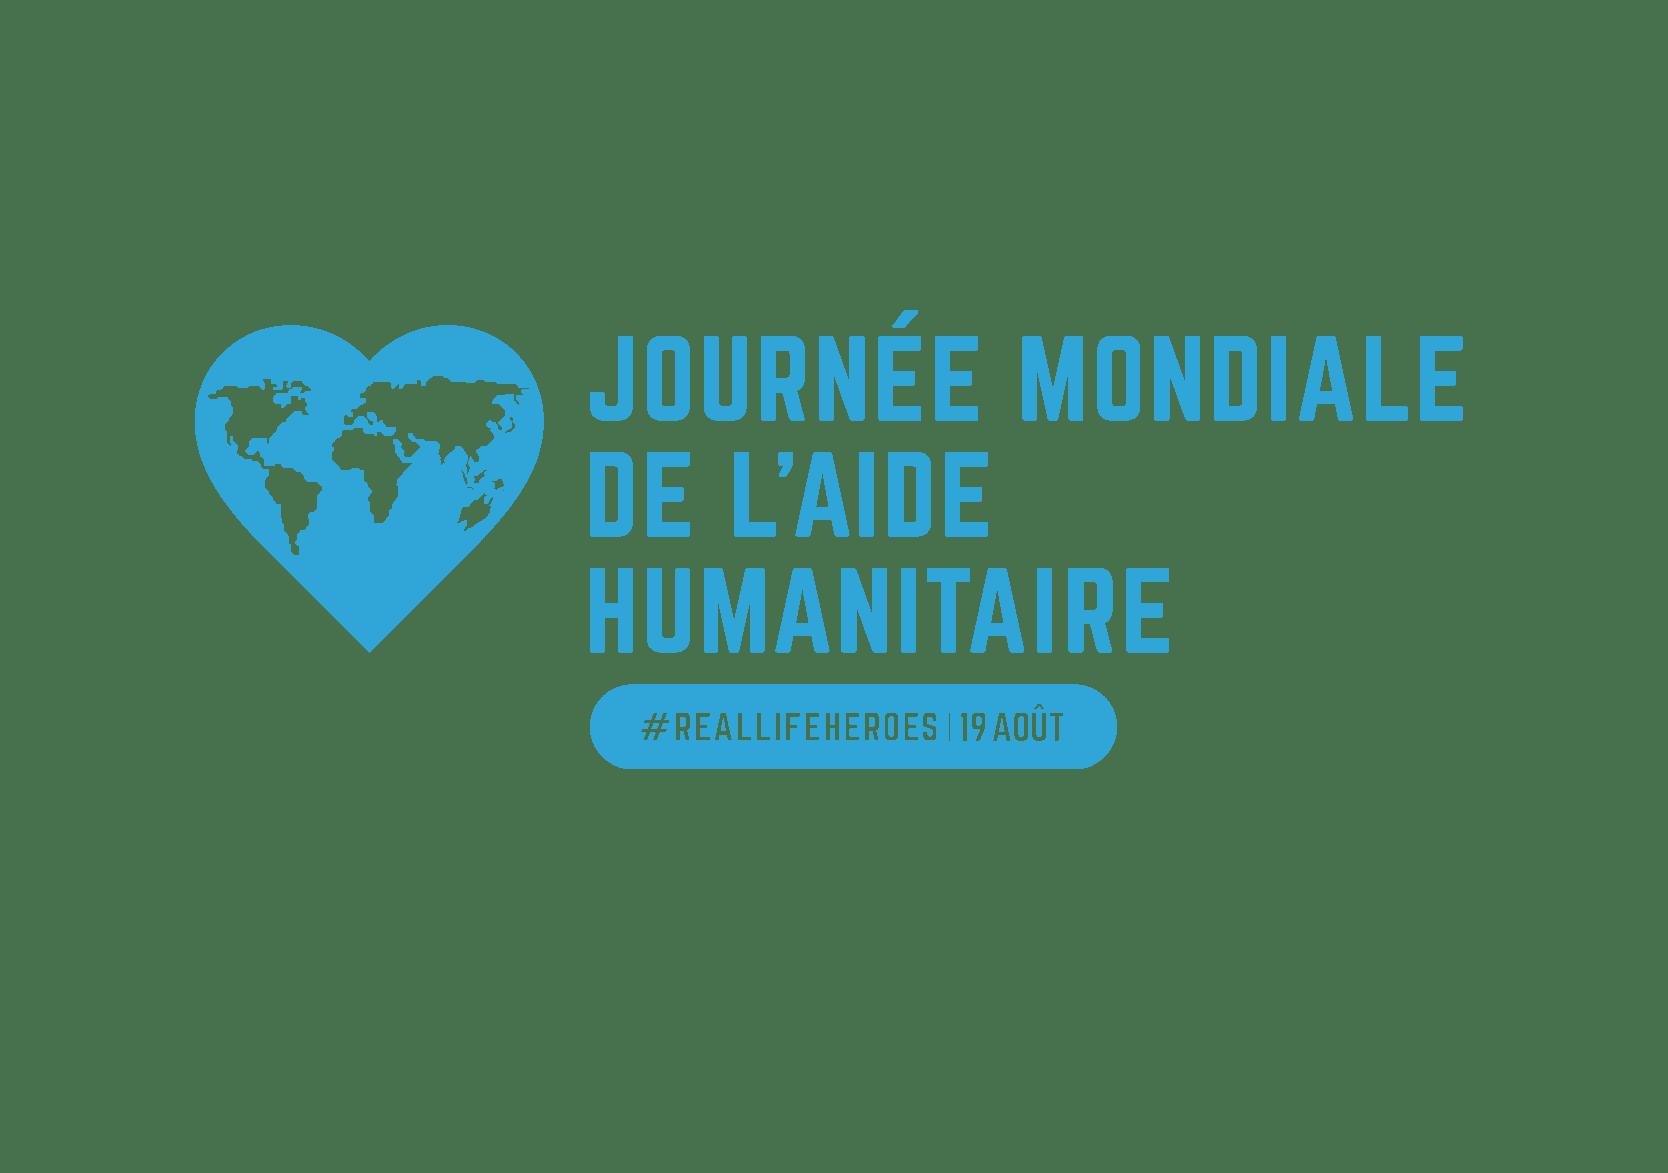 Journee Mondiale De L'Aide Humanitaire